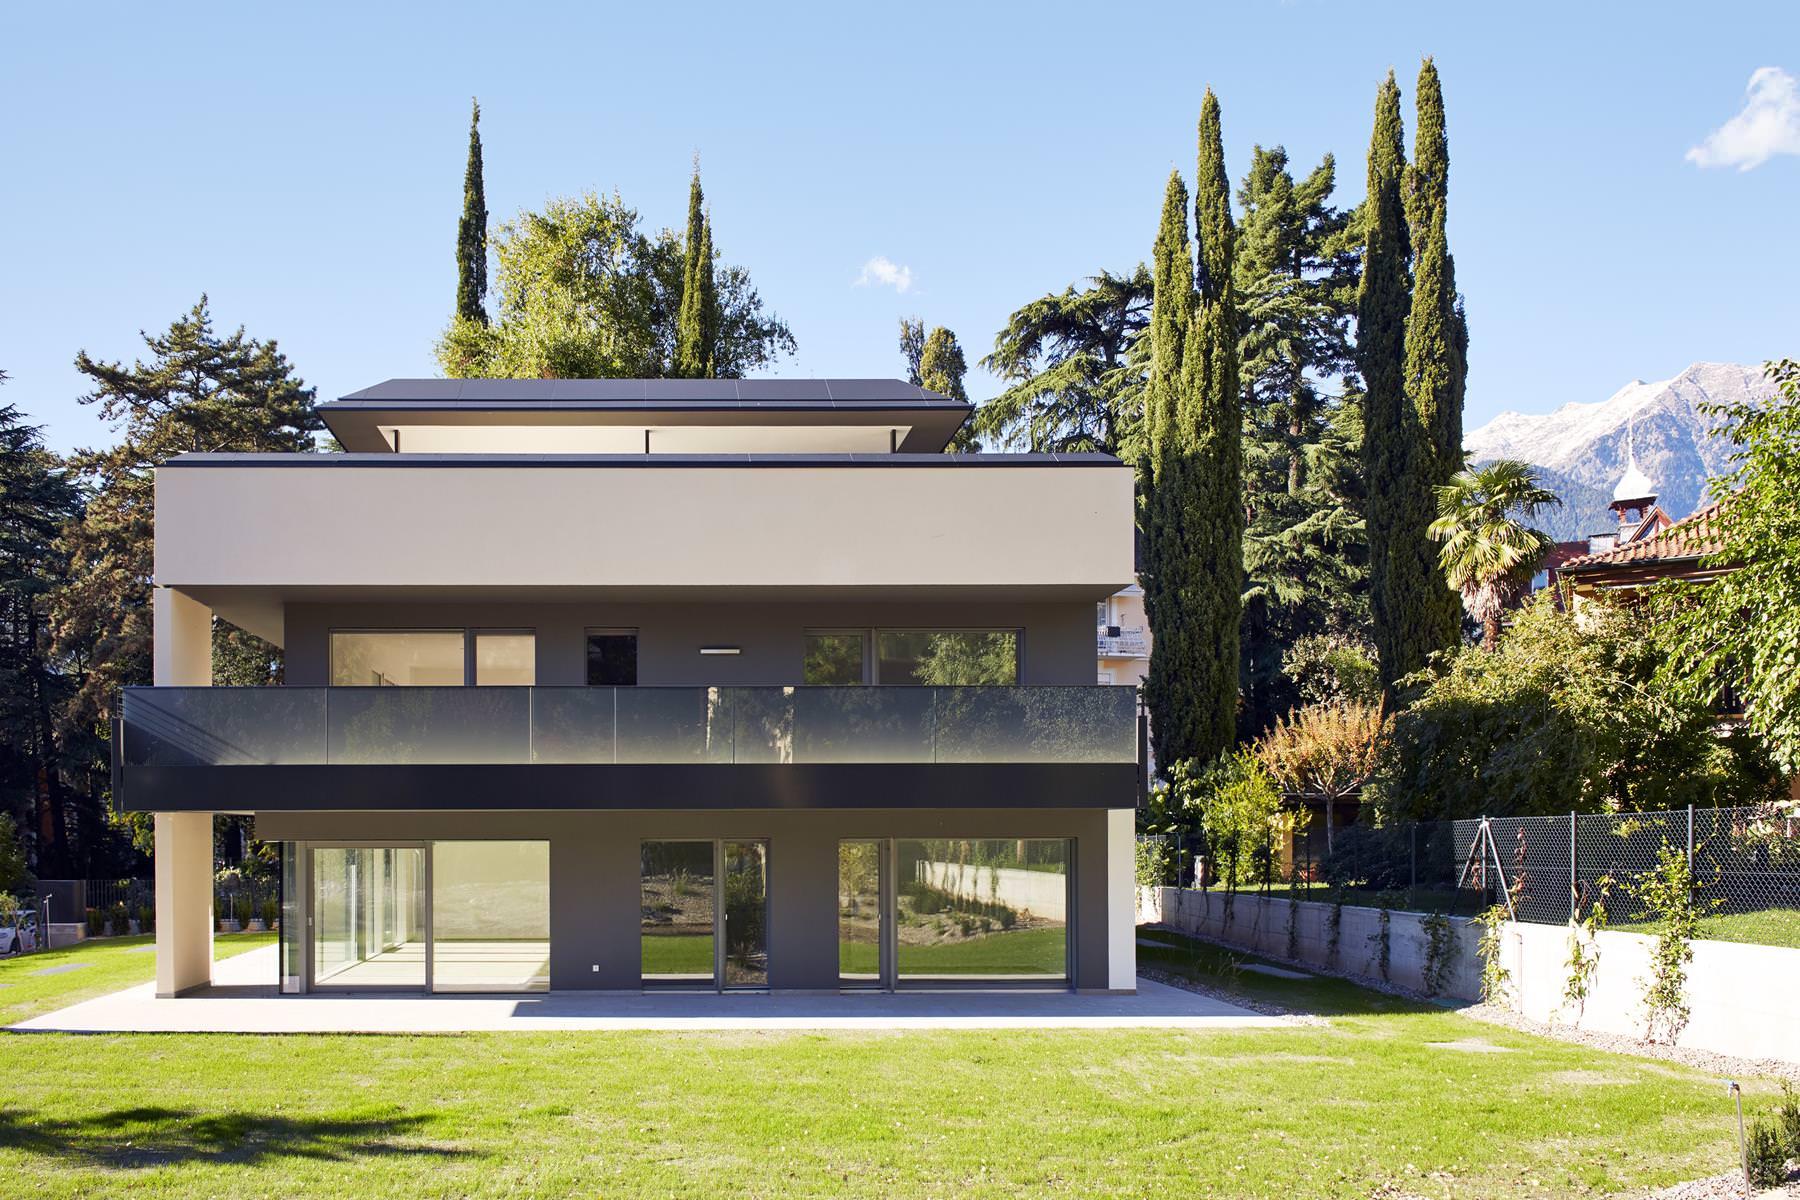 Villa Z. – Meran Villa Z. - Meran - Haus Z 4 - Villa Z. – Meran Projekte - Haus Z 4 - Projekte